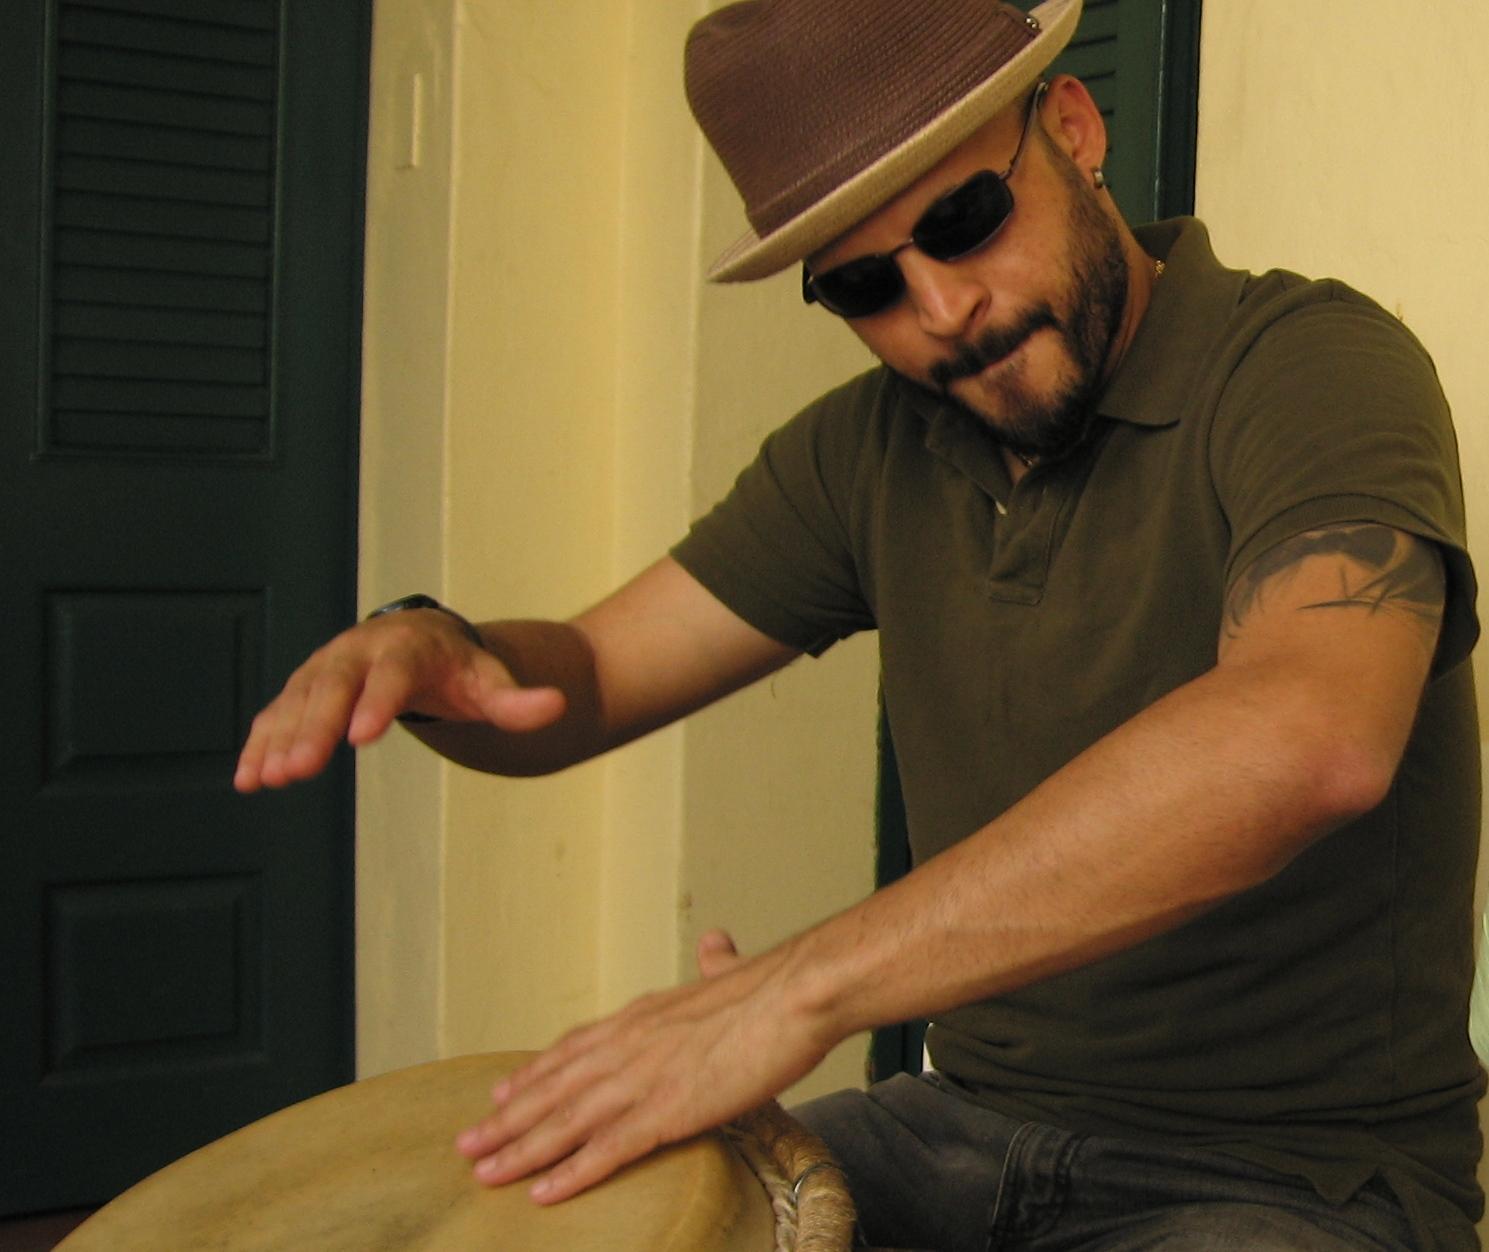 El percusionista Jerry Ferrao compuso un tema por la causa de Oscar. (Foto Javier Santiago / Fundación Nacional para la Cultura Popular)